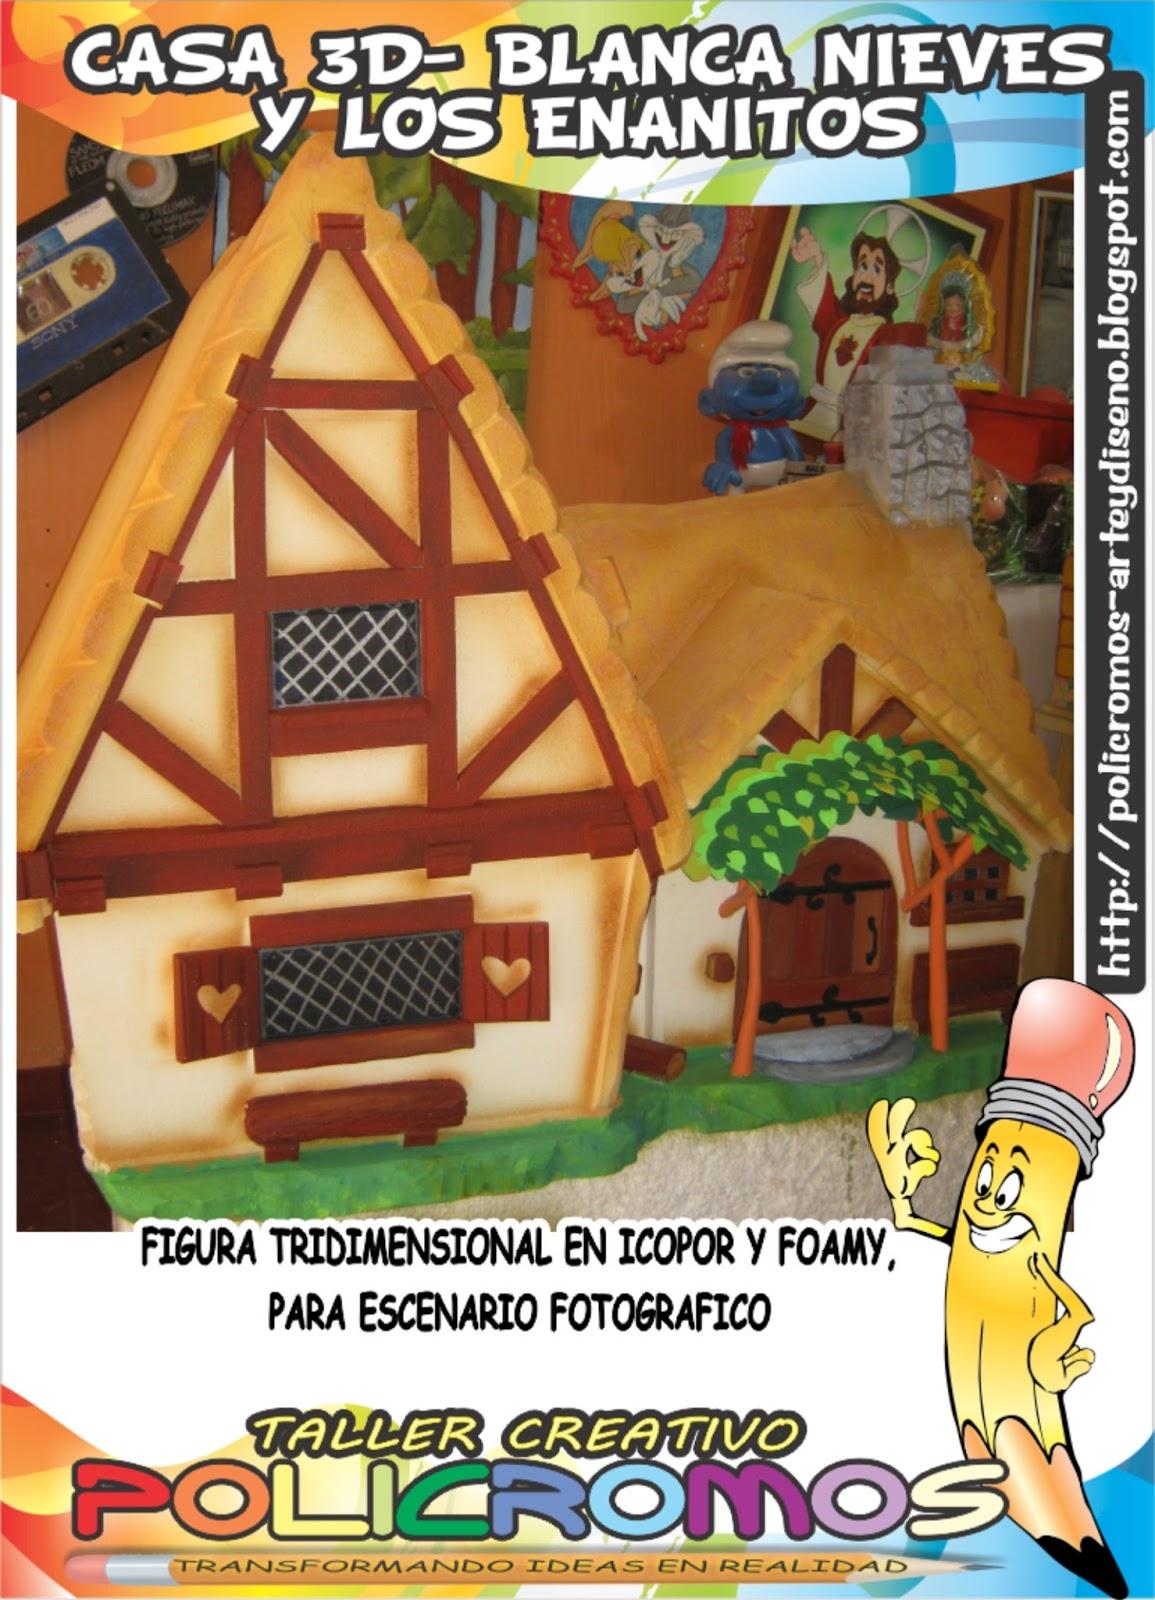 Policromos dise o y arte gr fico casa de los 7 enanitos - Casa de blancanieves y los 7 enanitos simba ...